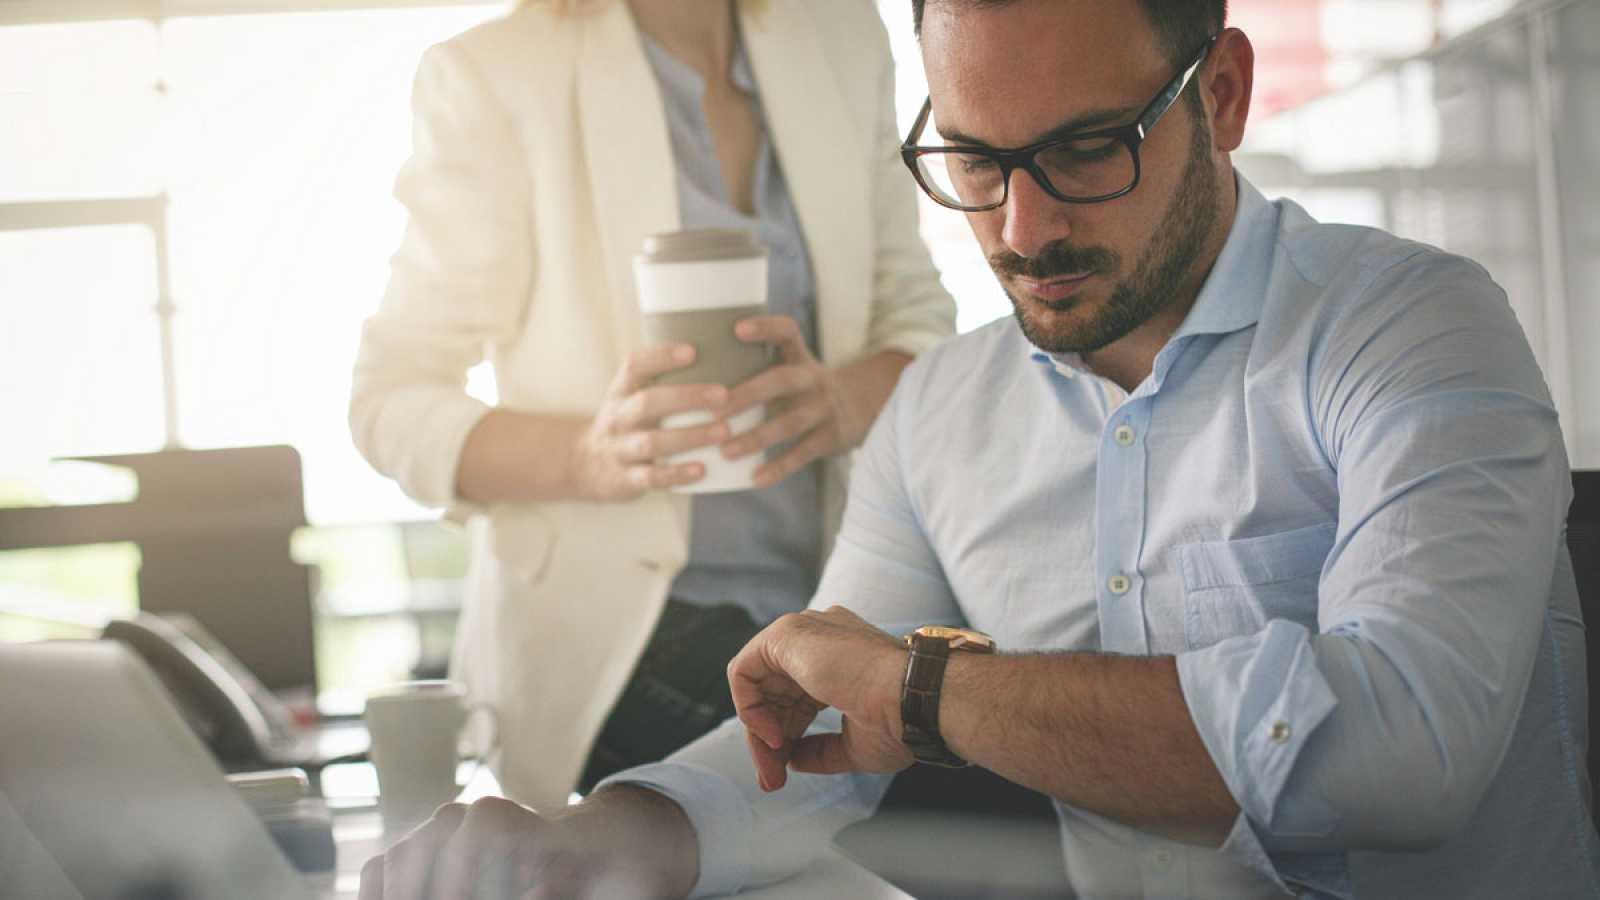 Trabajo obligará a las empresas a registrar la jornada que realice cada empleado